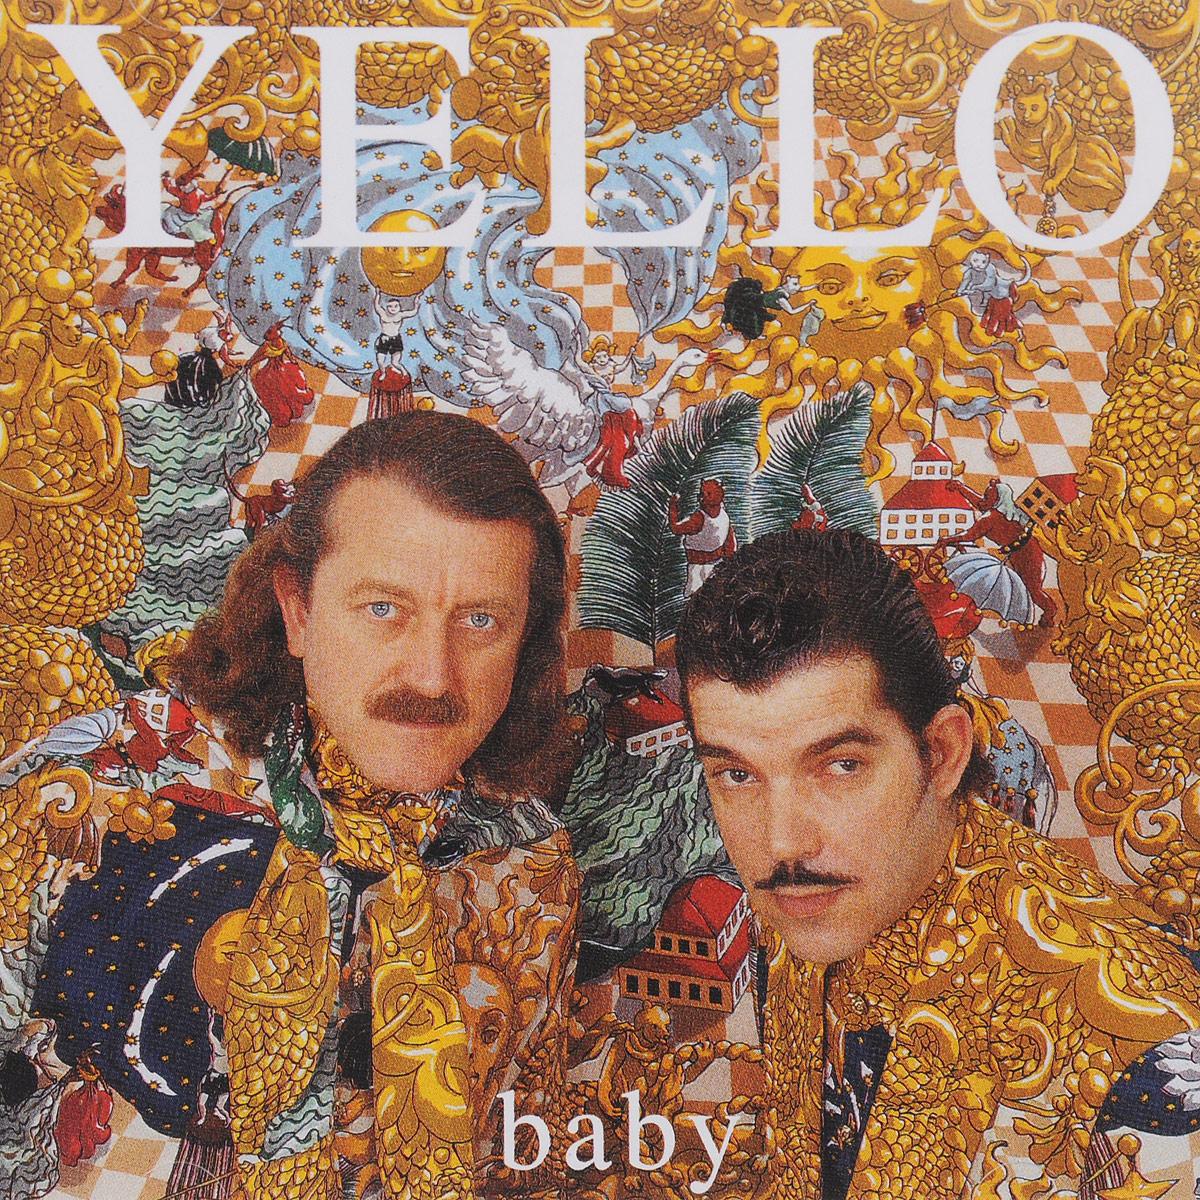 Yello Yello. Baby yello live in berlin